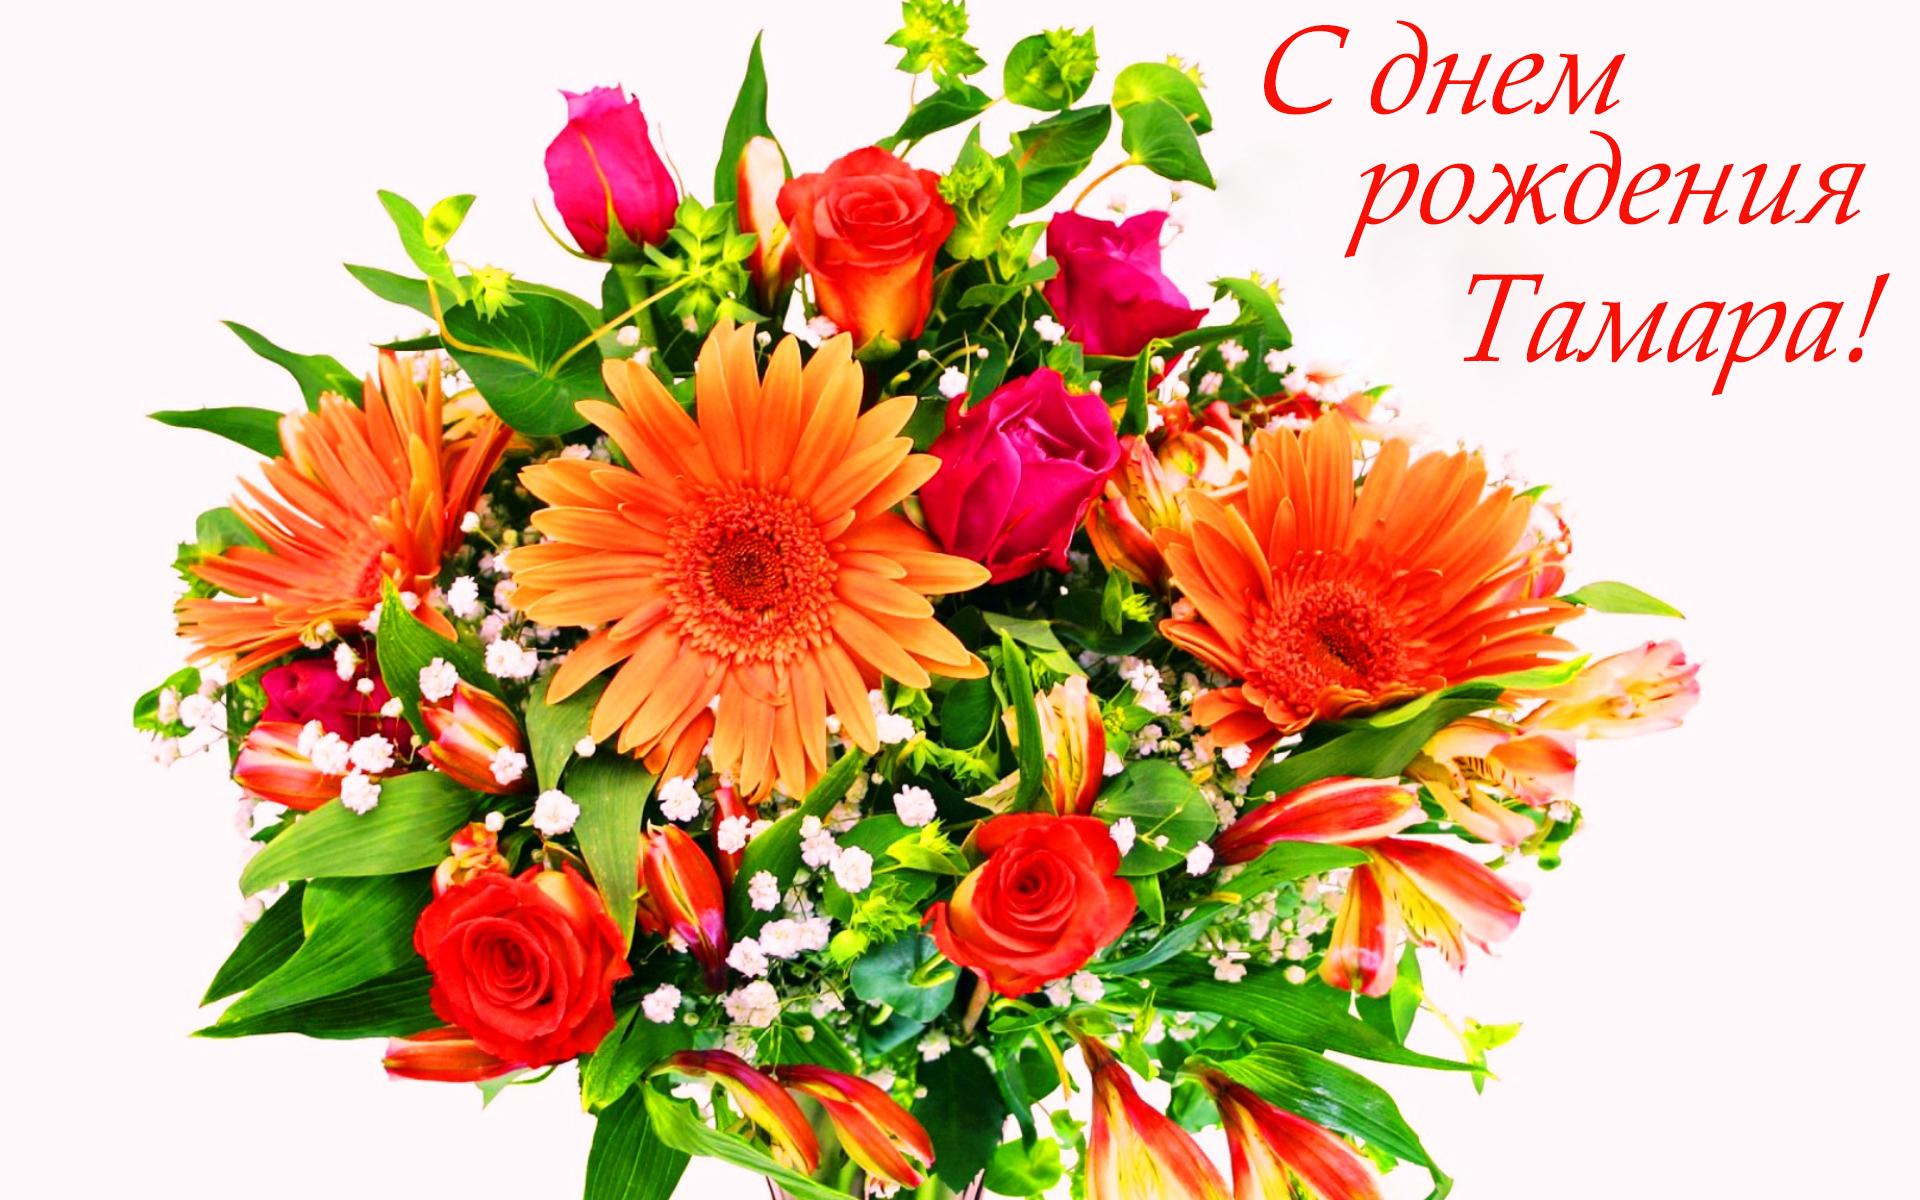 Поздравления и пожелания в стихах и